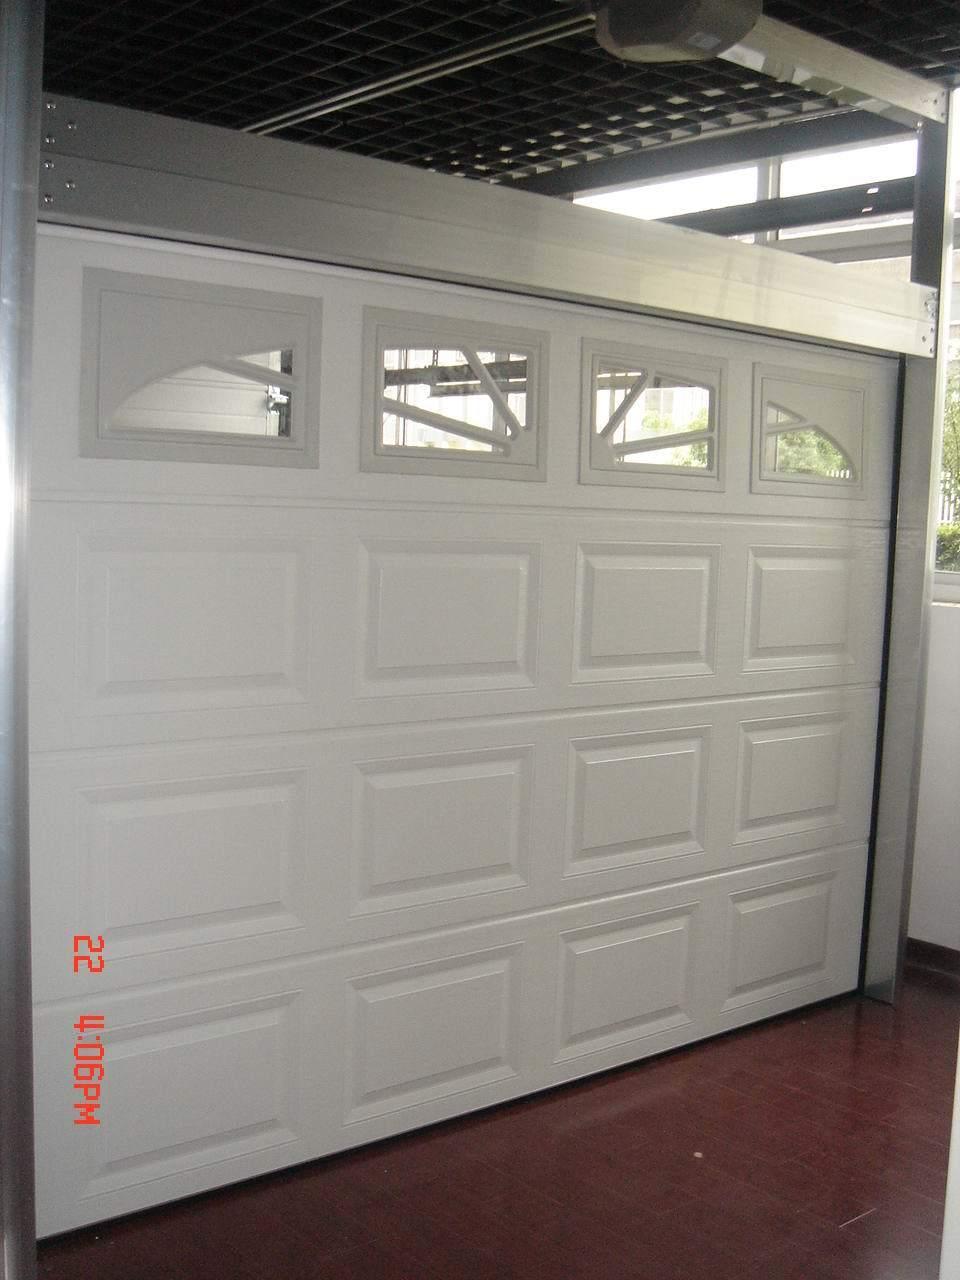 Puerta seccional del garage – Puerta seccional del garage proporcionado por Wuxi Jieyang Energy ...